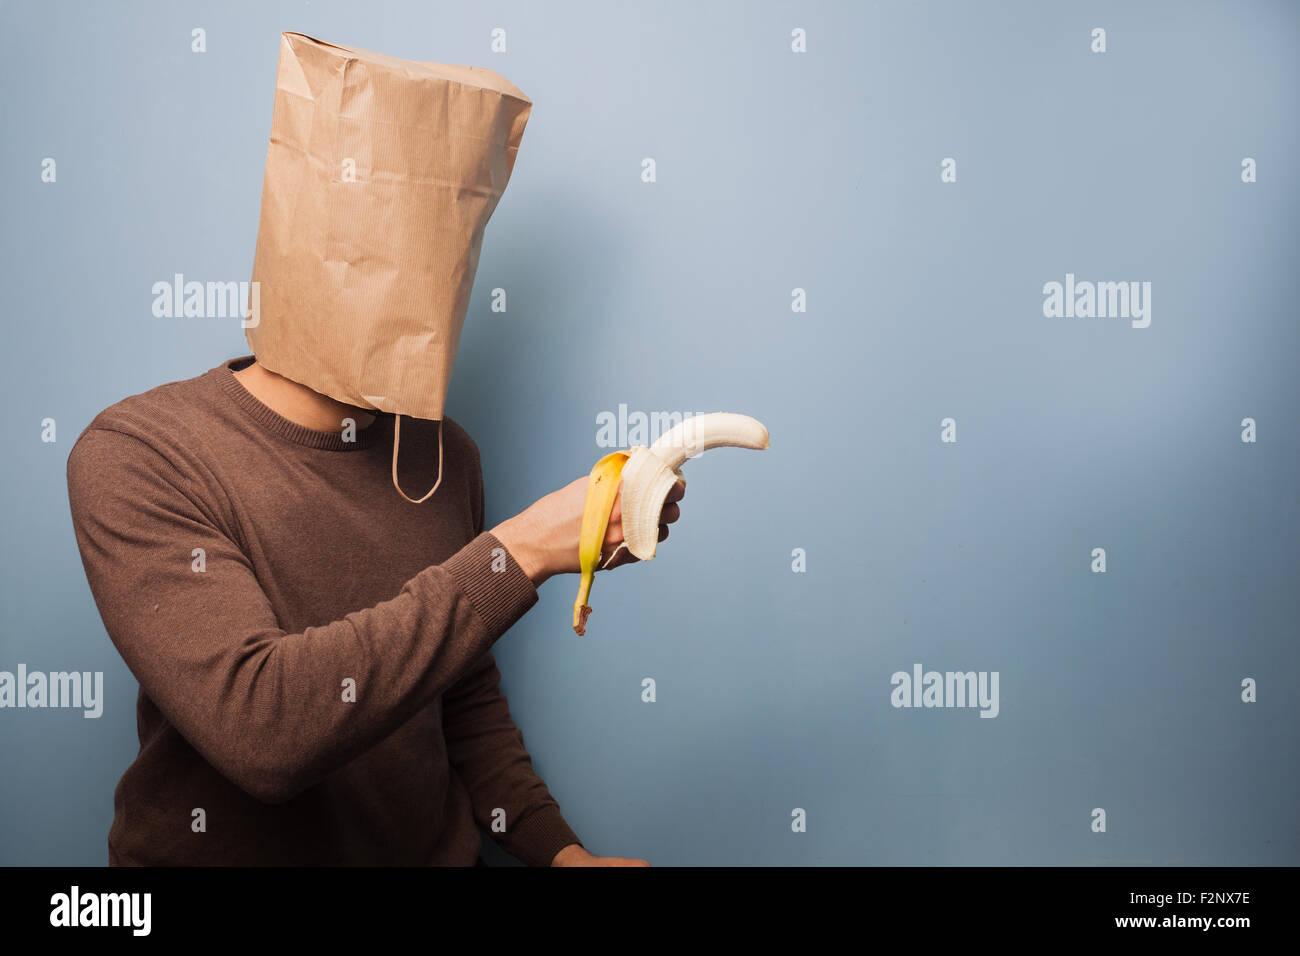 Un jeune homme avec un sac en papier sur sa tête est orientée vers une banane comme si c'était Photo Stock